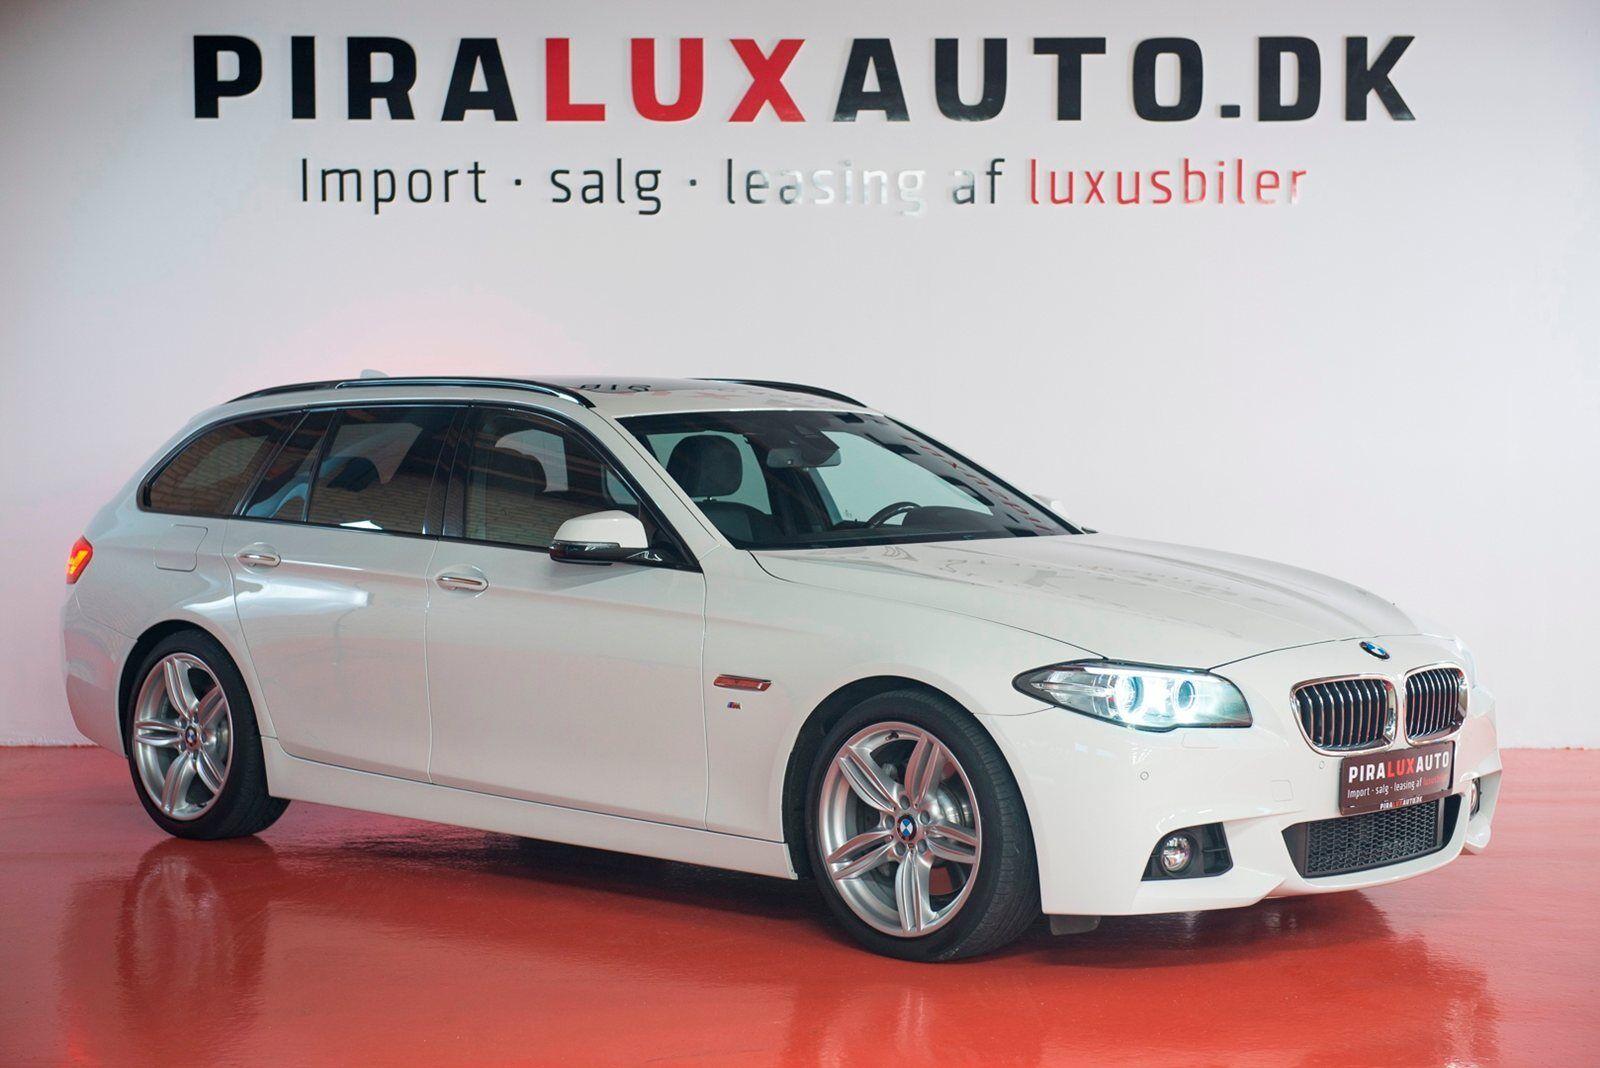 BMW 525d 2,0 Touring M-Sport aut. 5d - 429.900 kr.